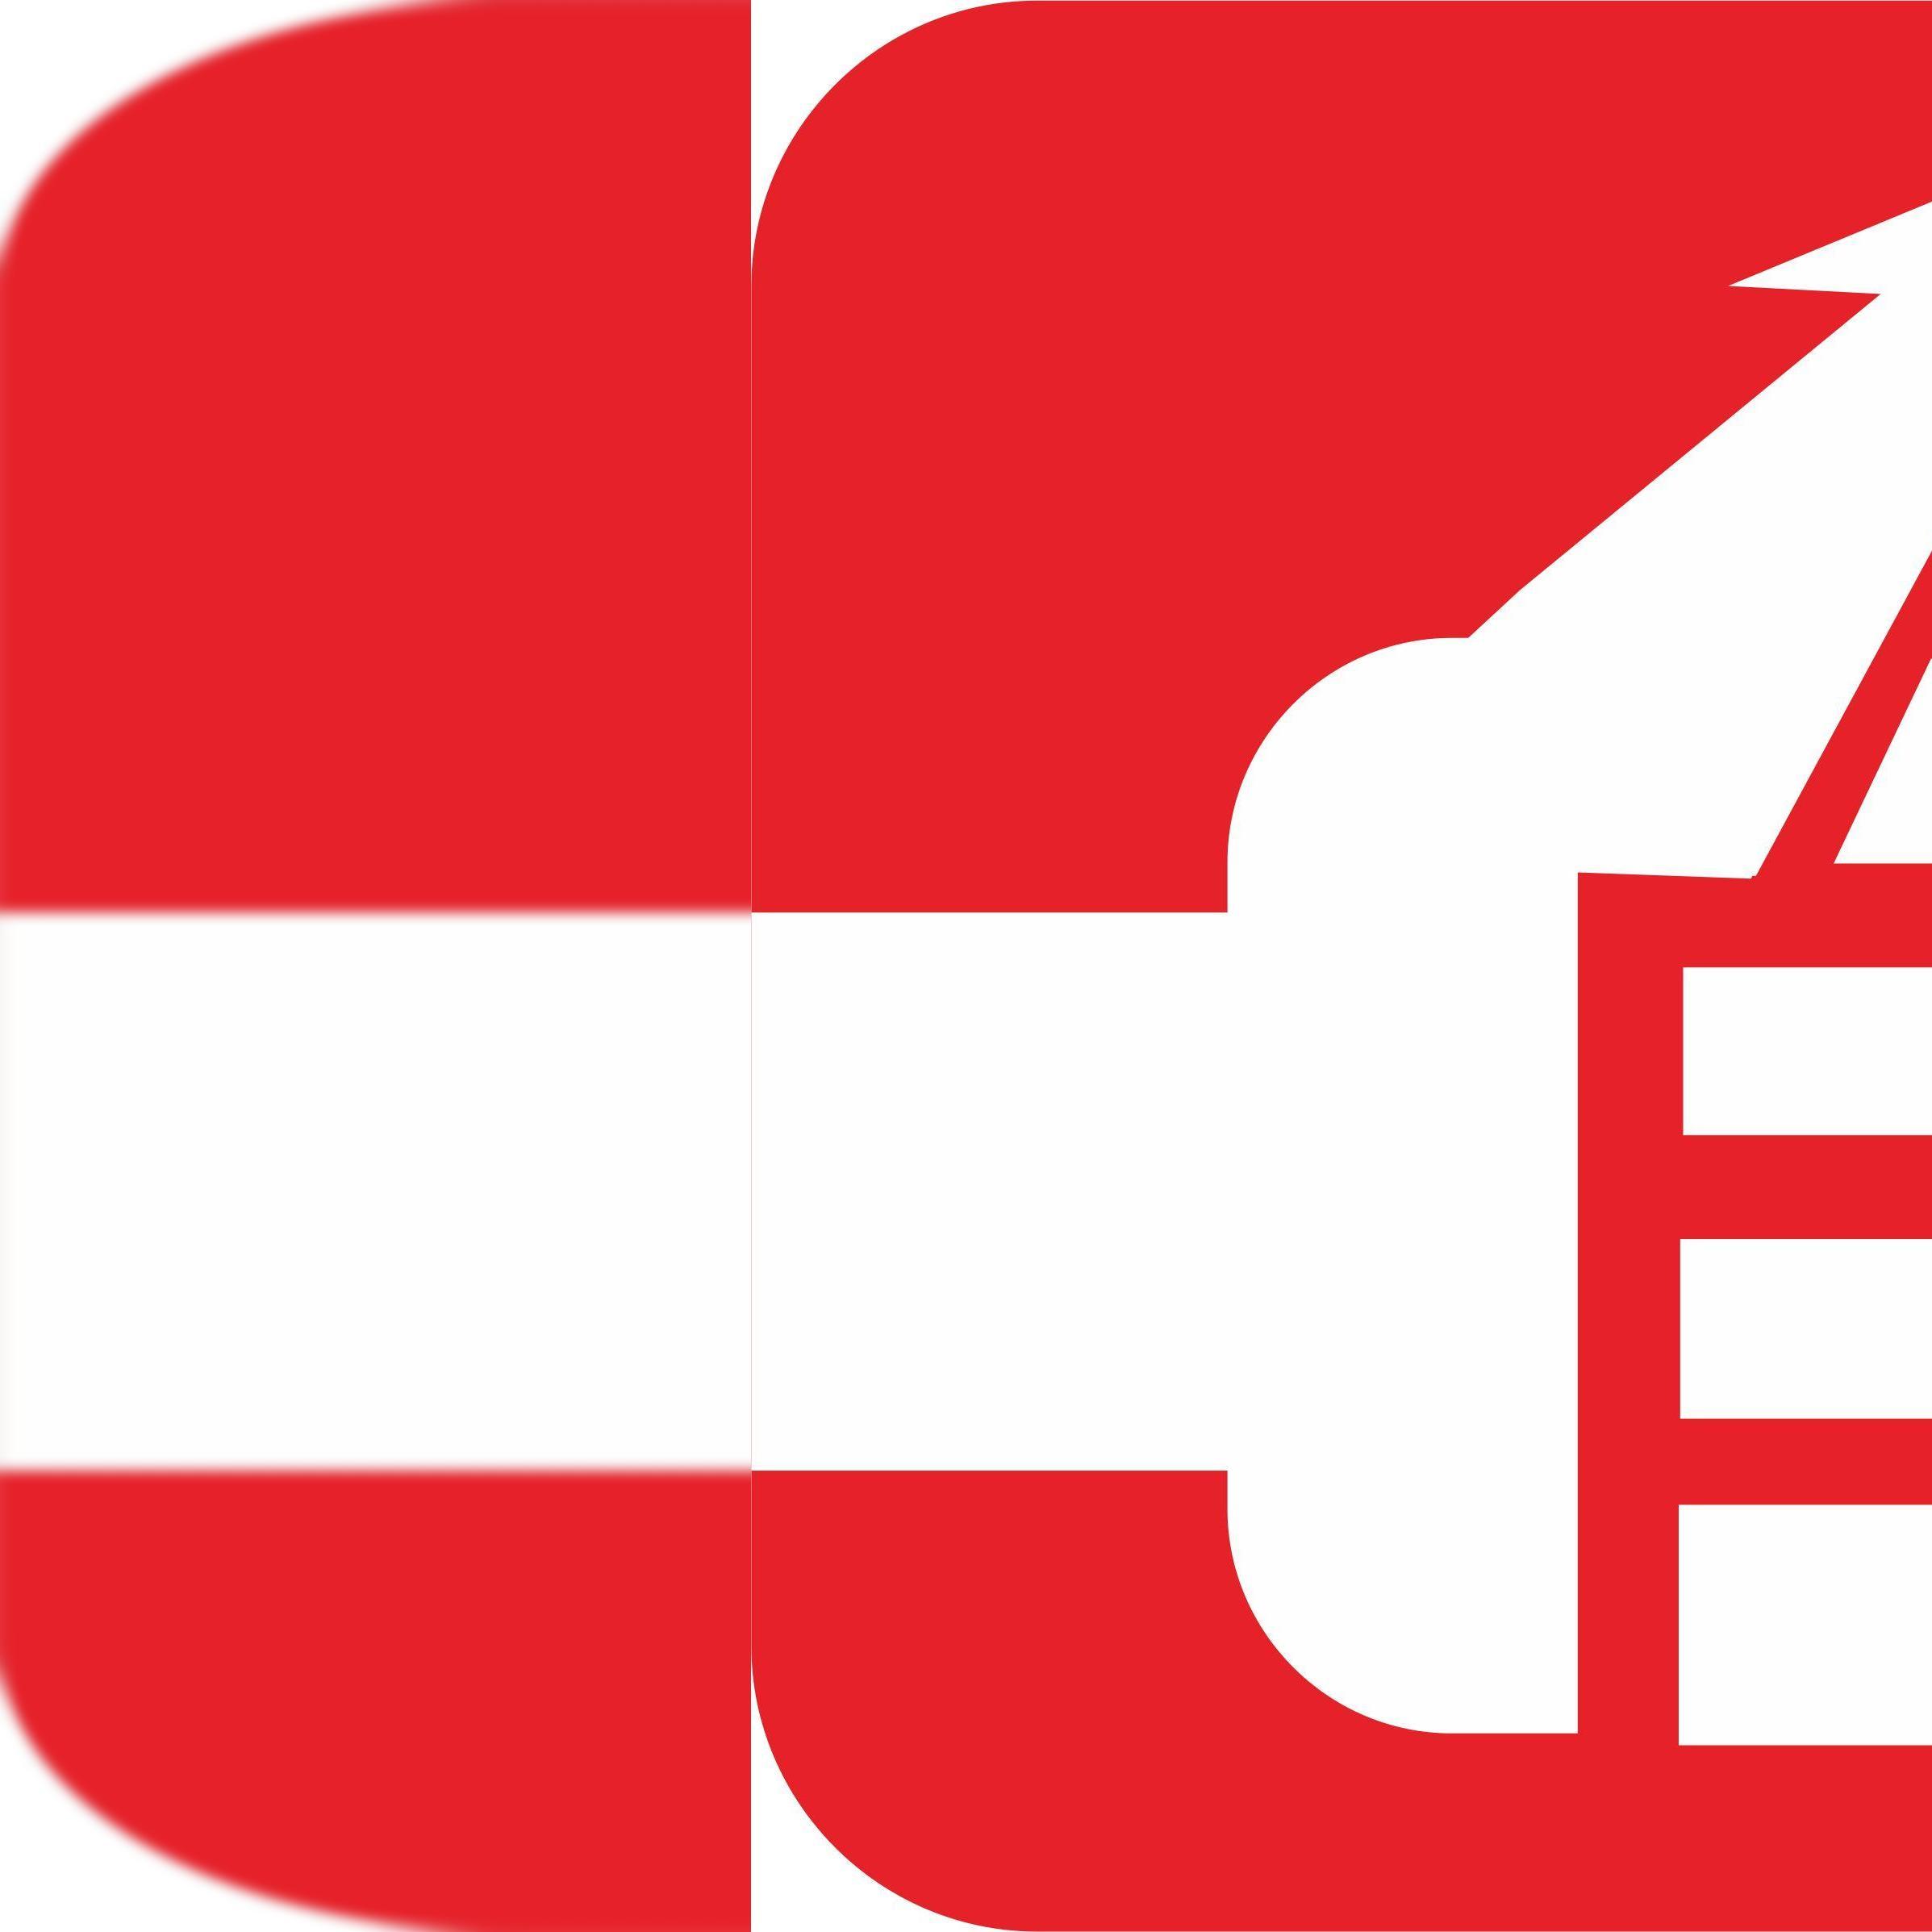 陕煤运销集团自1月13日起下调非长协铁路直供电